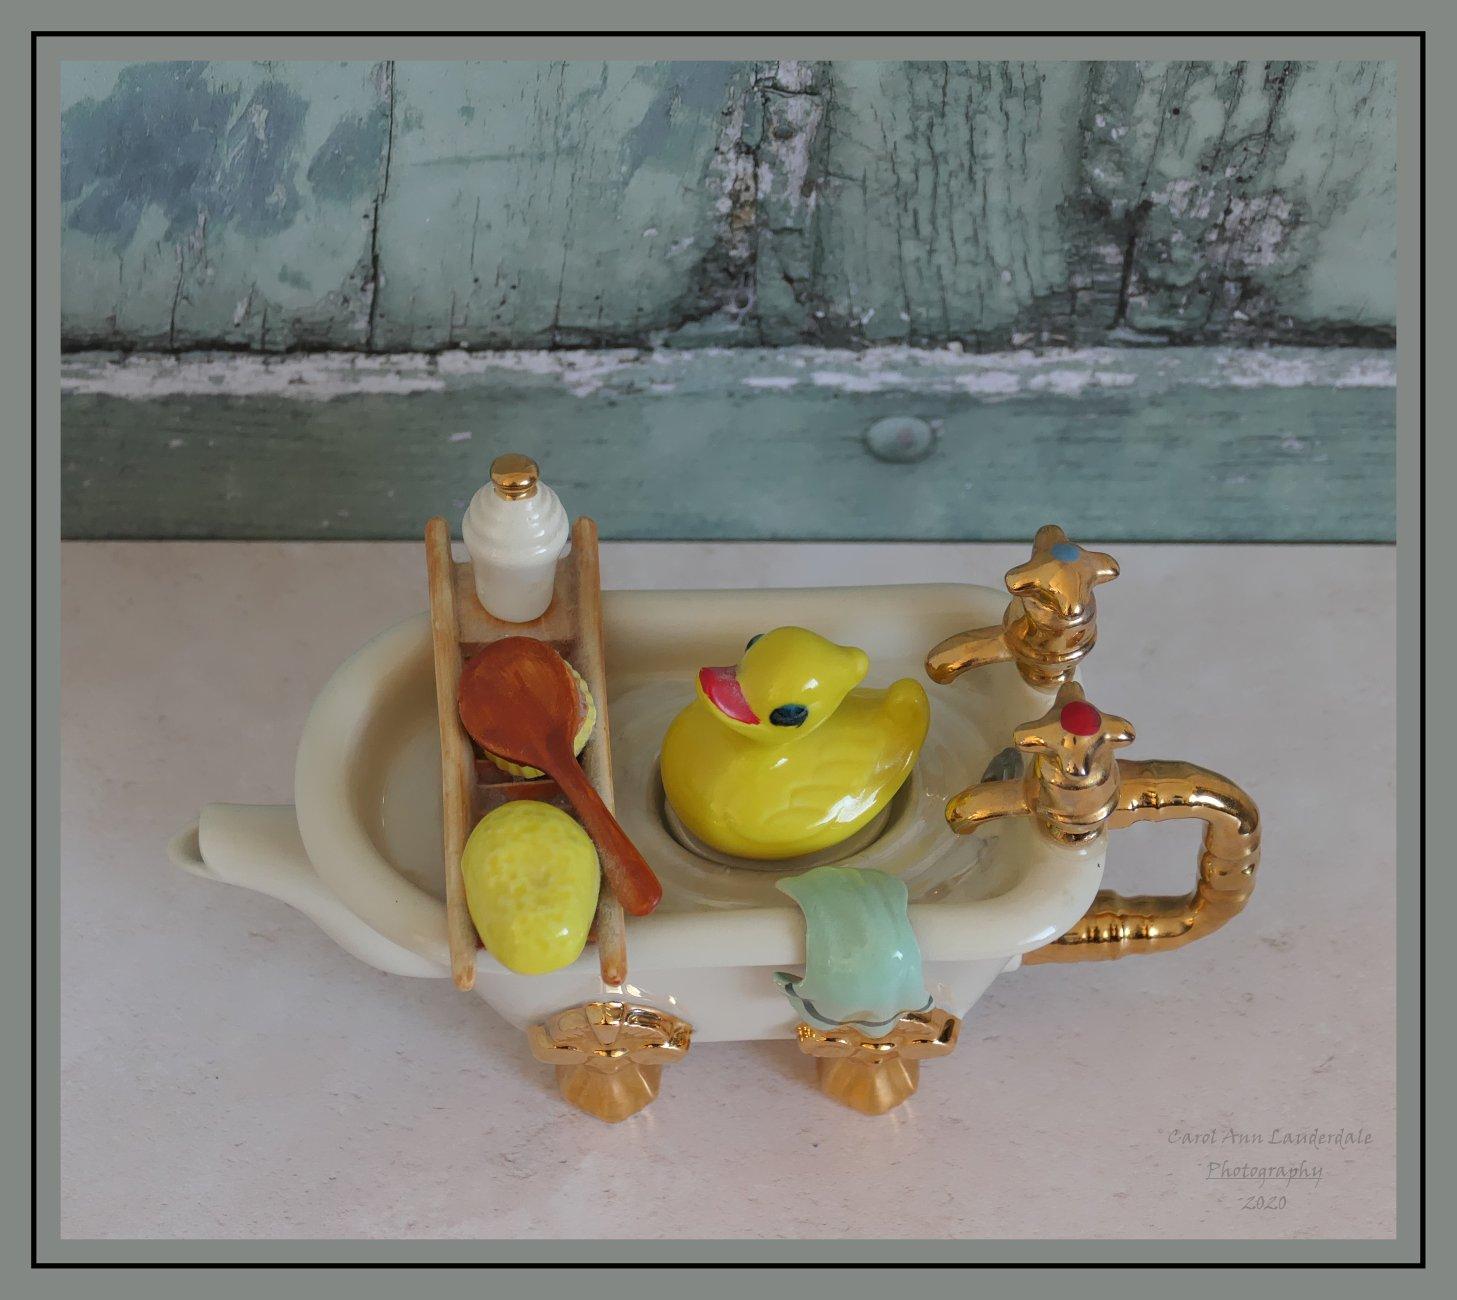 Duck takes a bath.